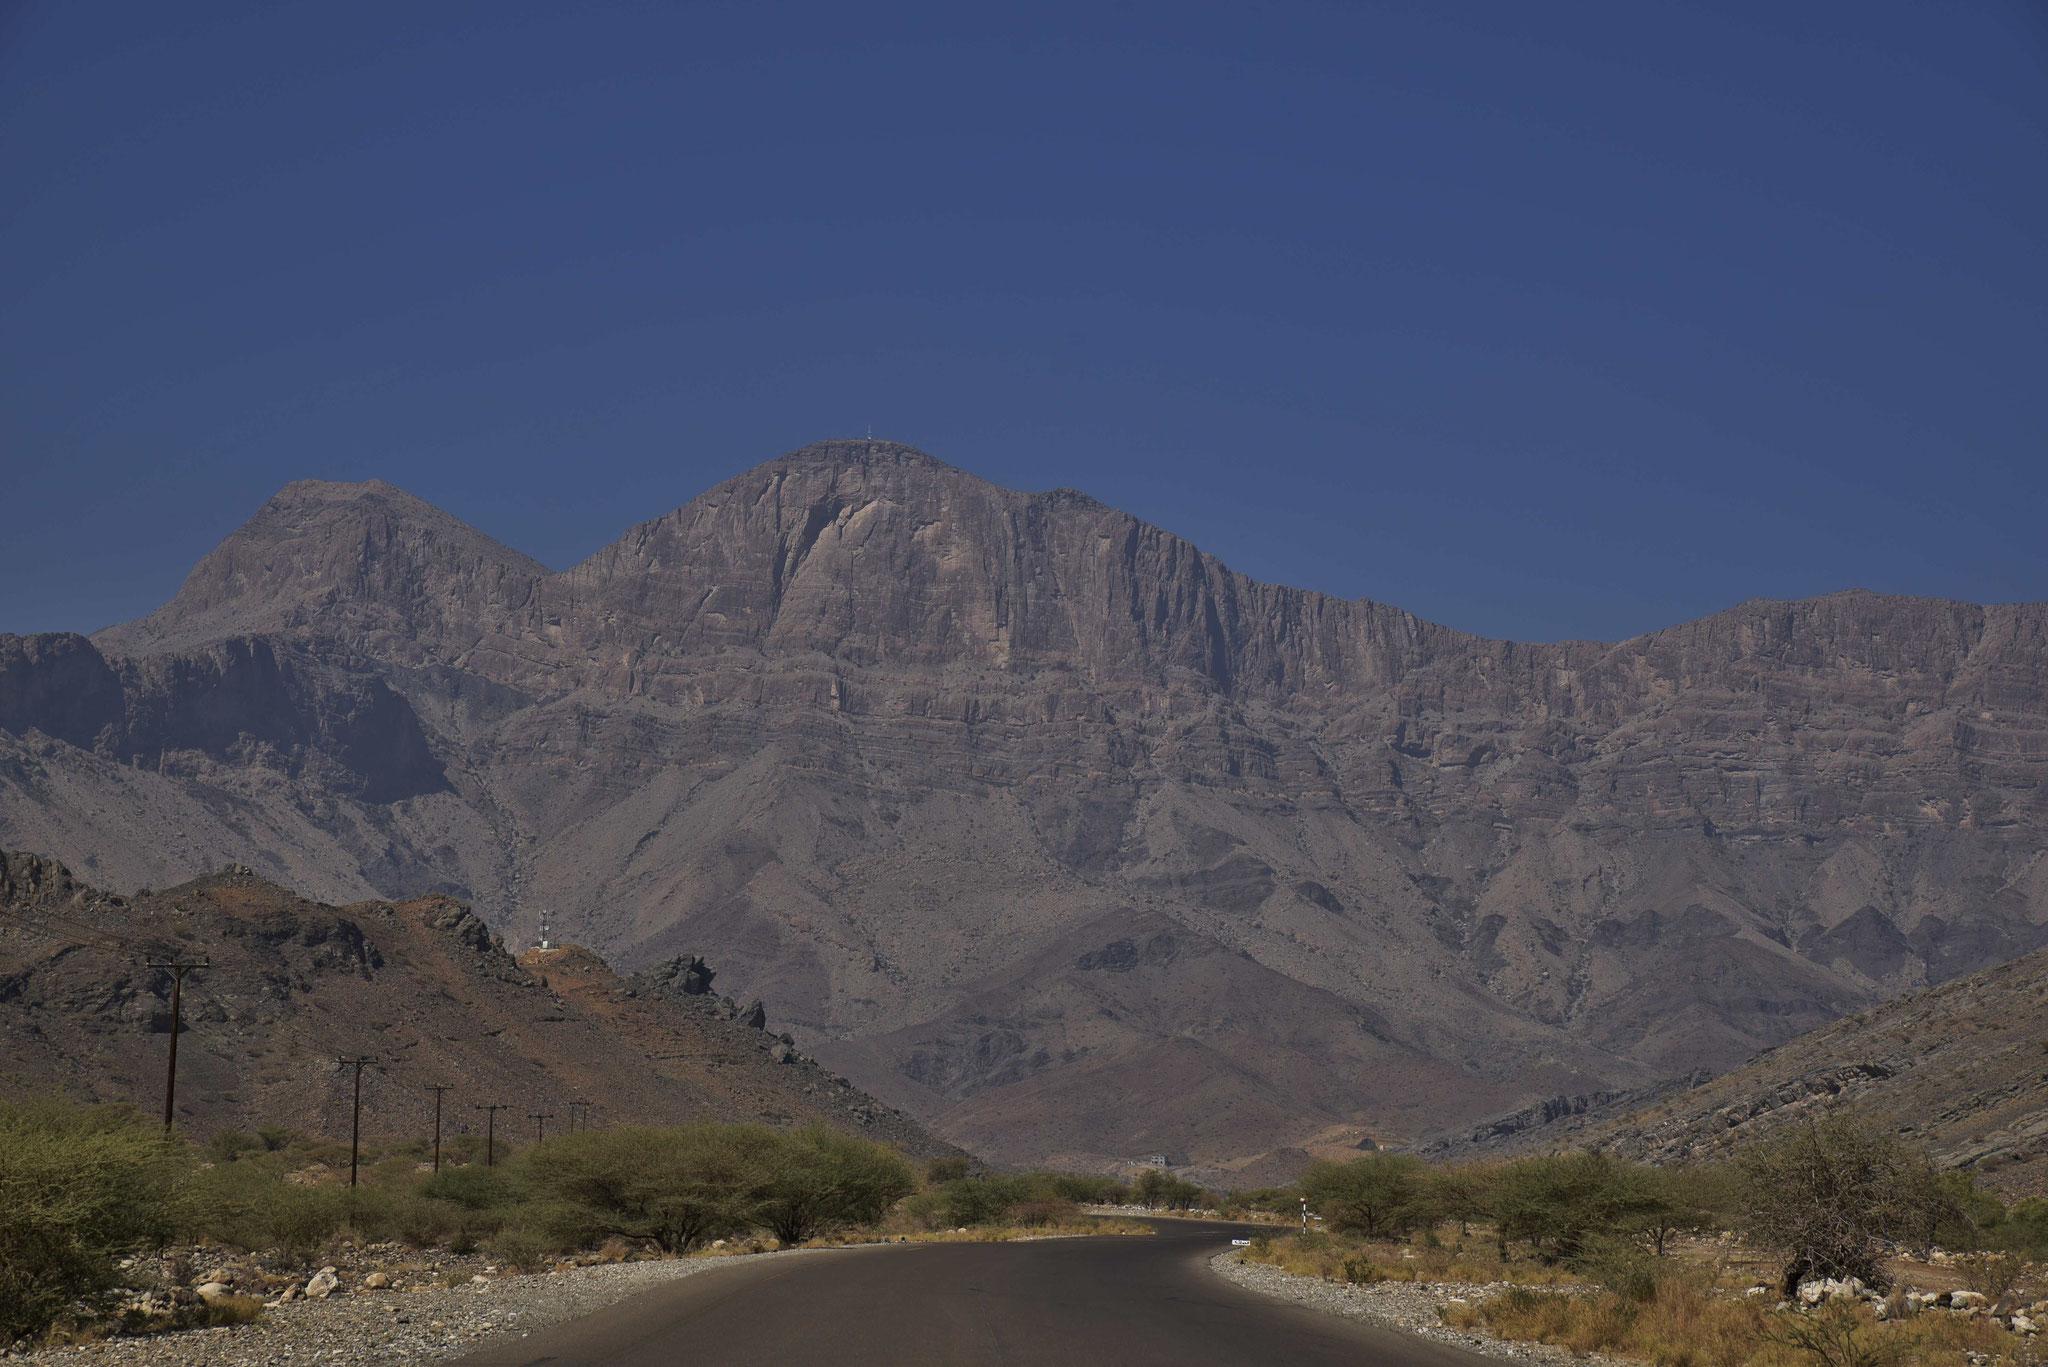 Auf dem Weg zum Jebel Shams IV